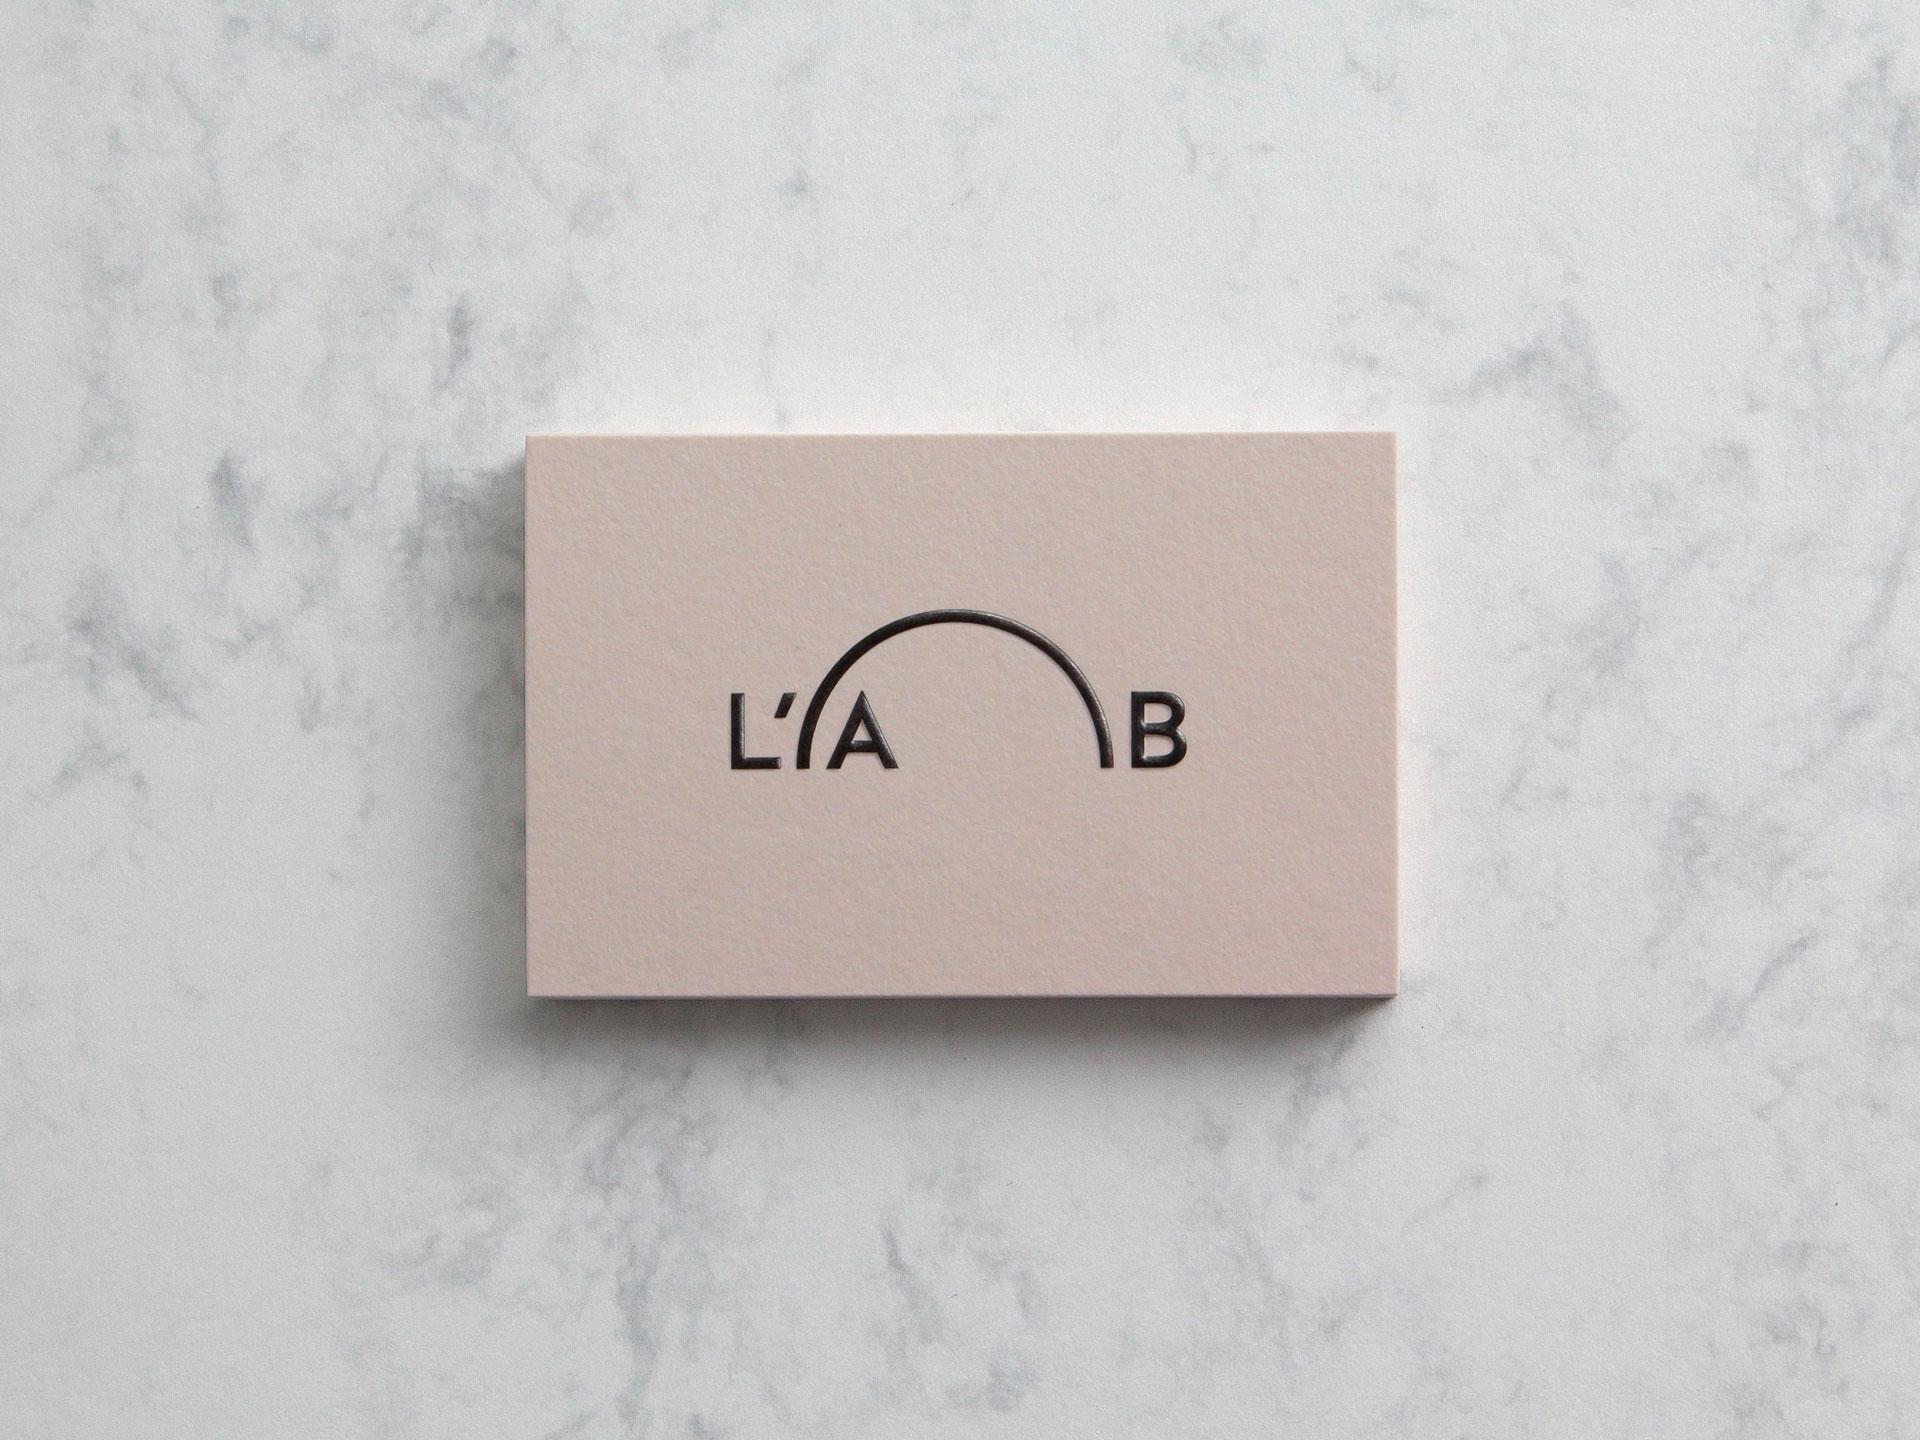 LAB-BCards-1.jpg